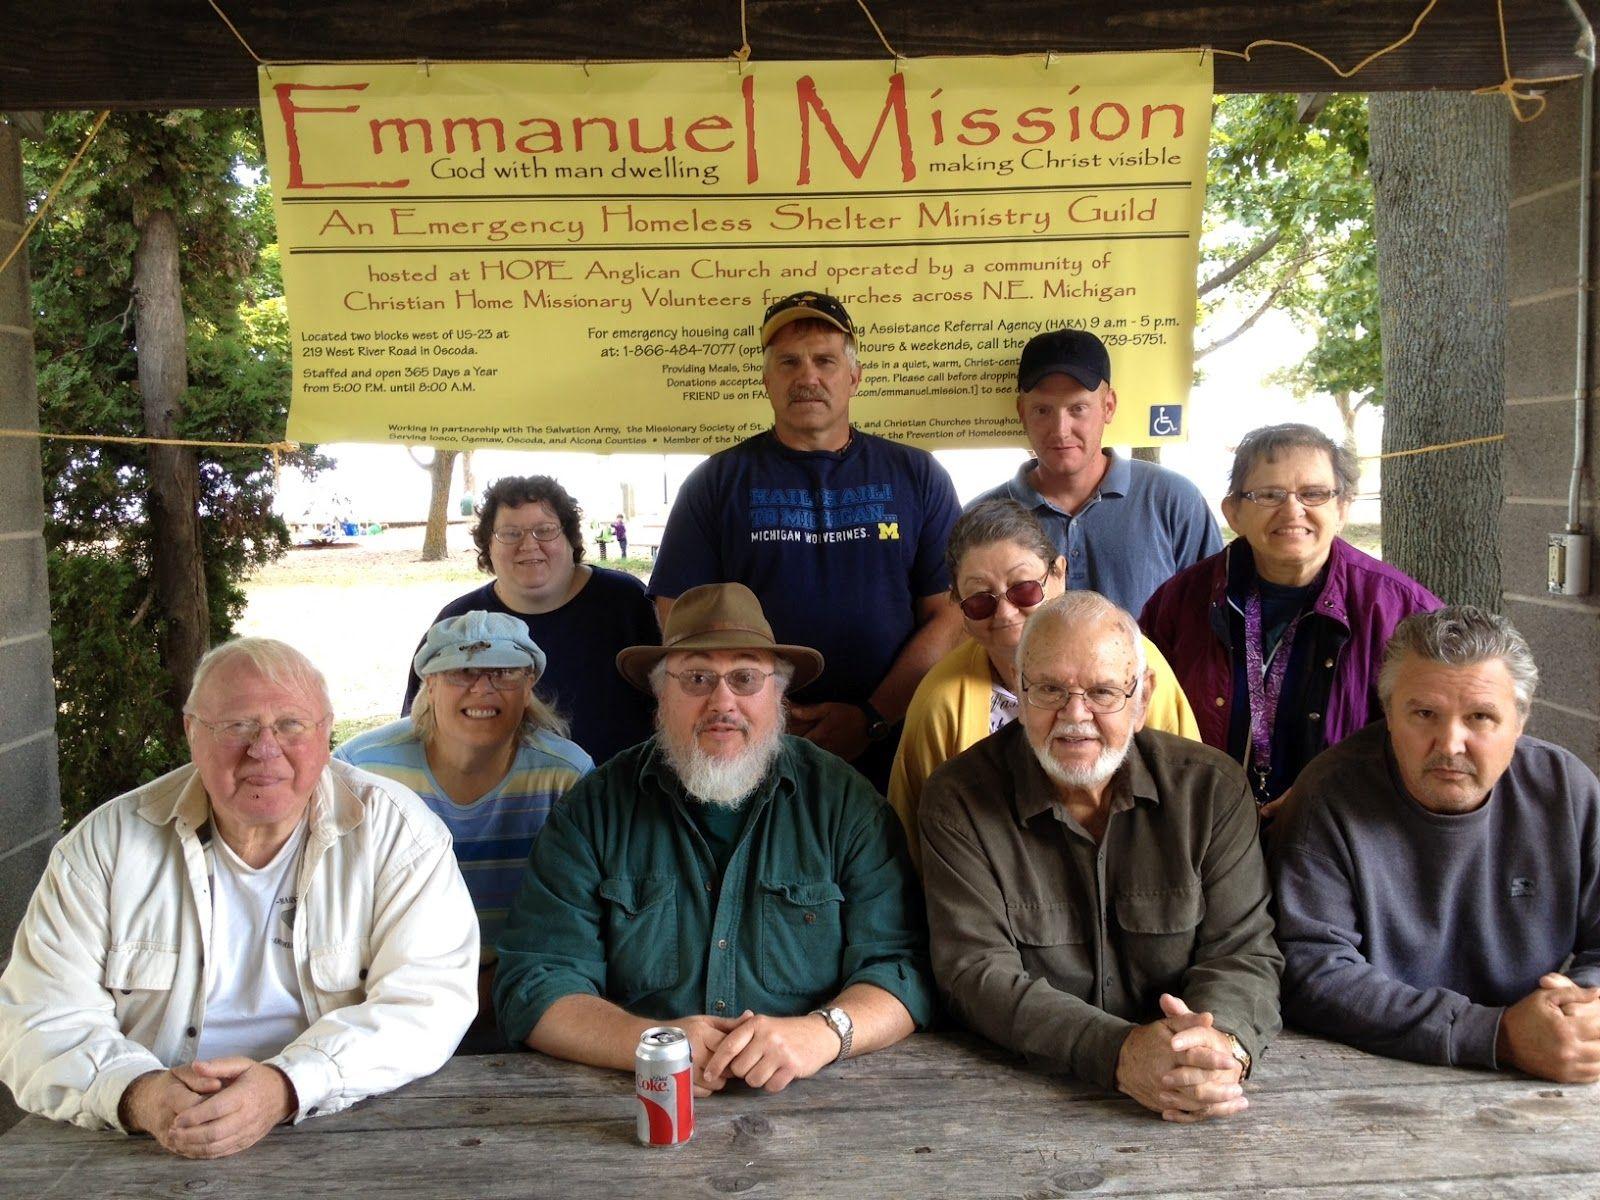 Emmanuel Mission